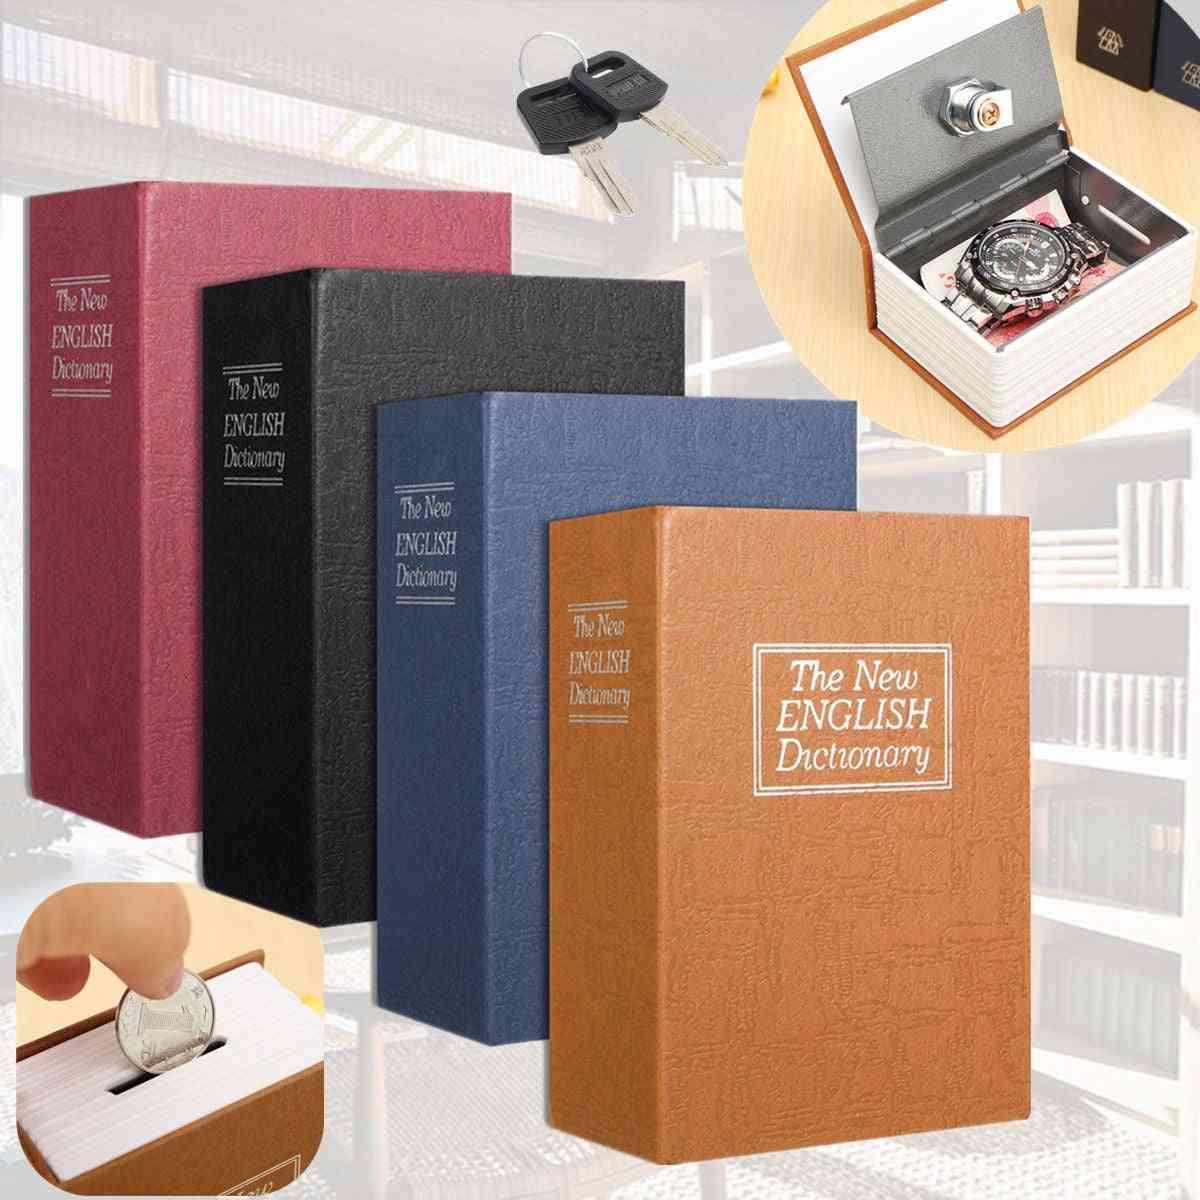 Dictionary Book Bank, Money Cash Home Storage Safe Box